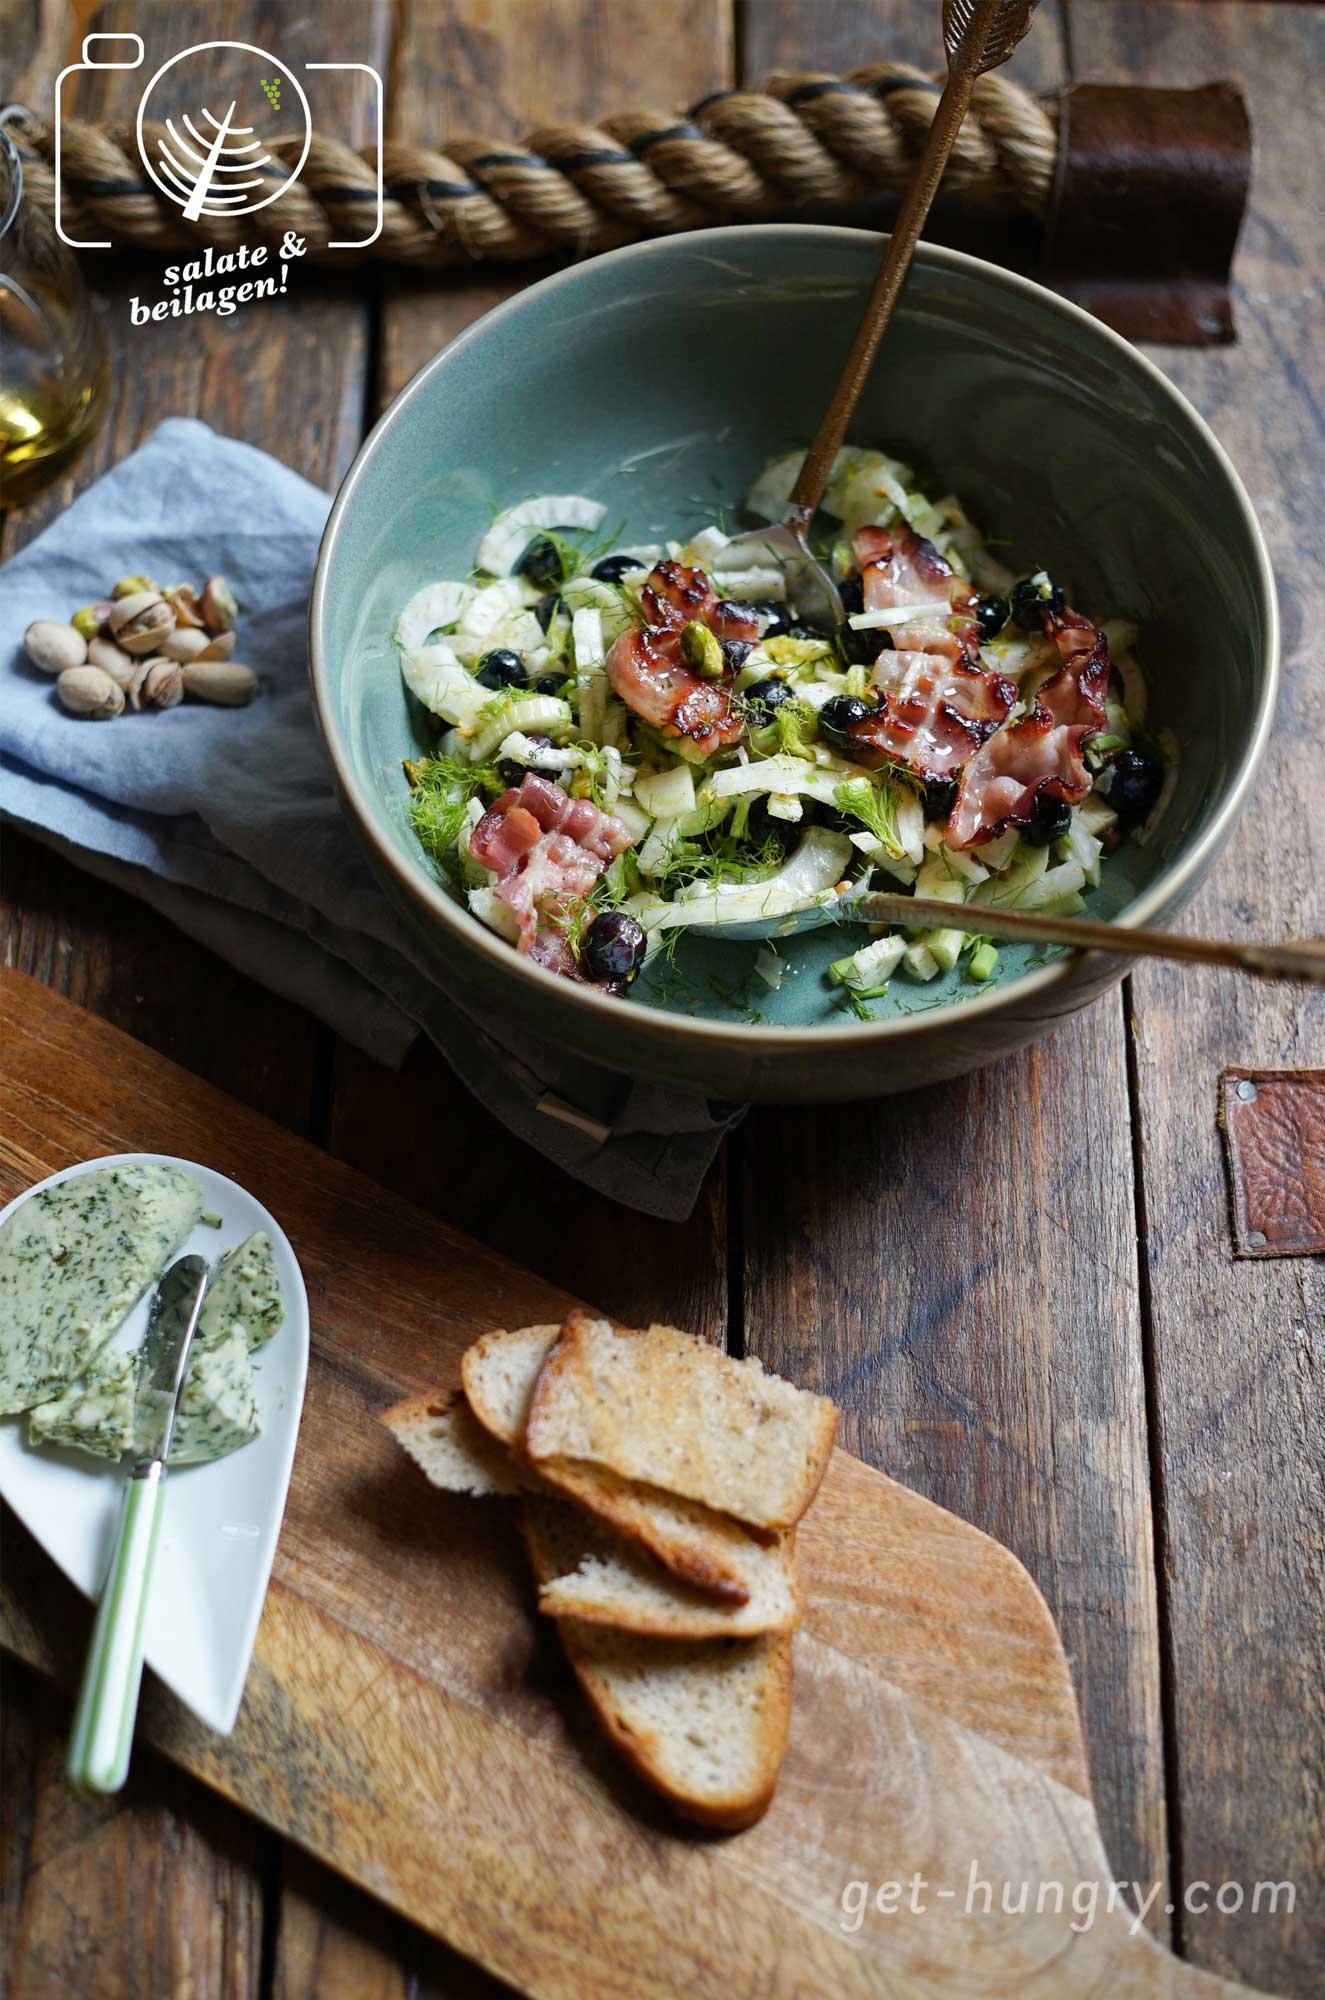 Fenchel-Blaubeer-Pistazien-Salat mit Speck und getoastetem Schwarzbrot und Kräuterbutter.